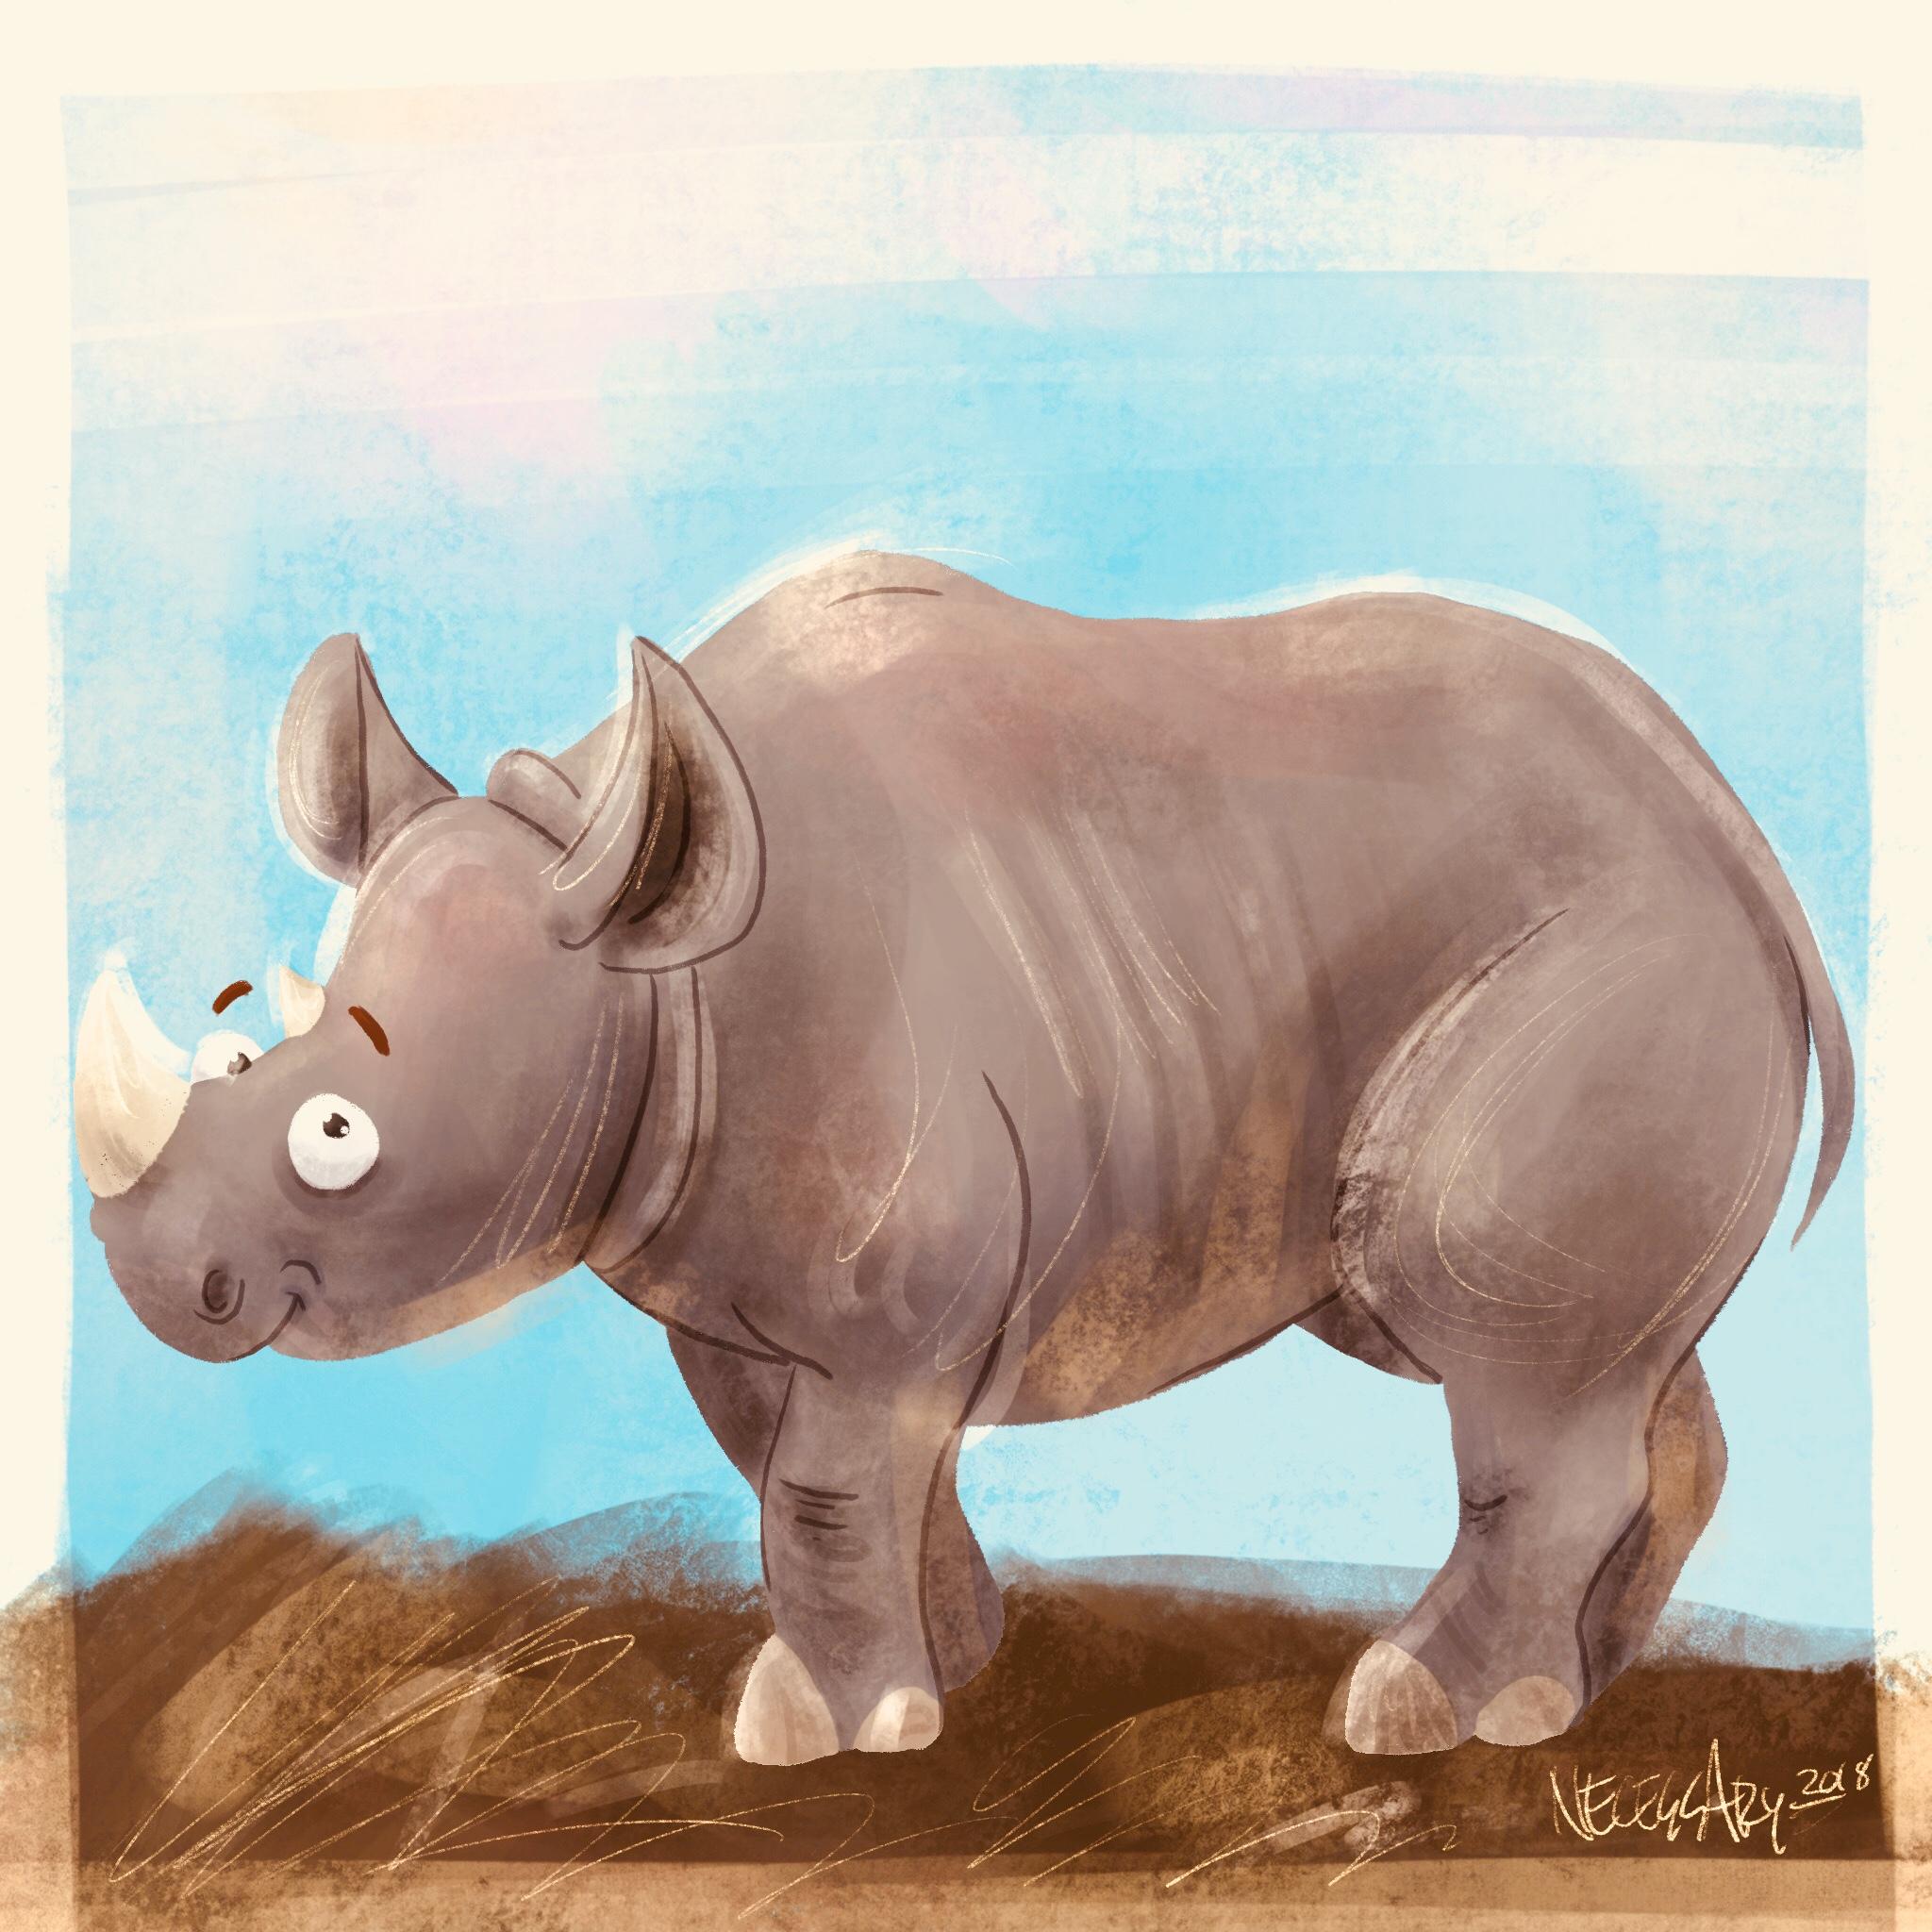 Kendi the Rhino